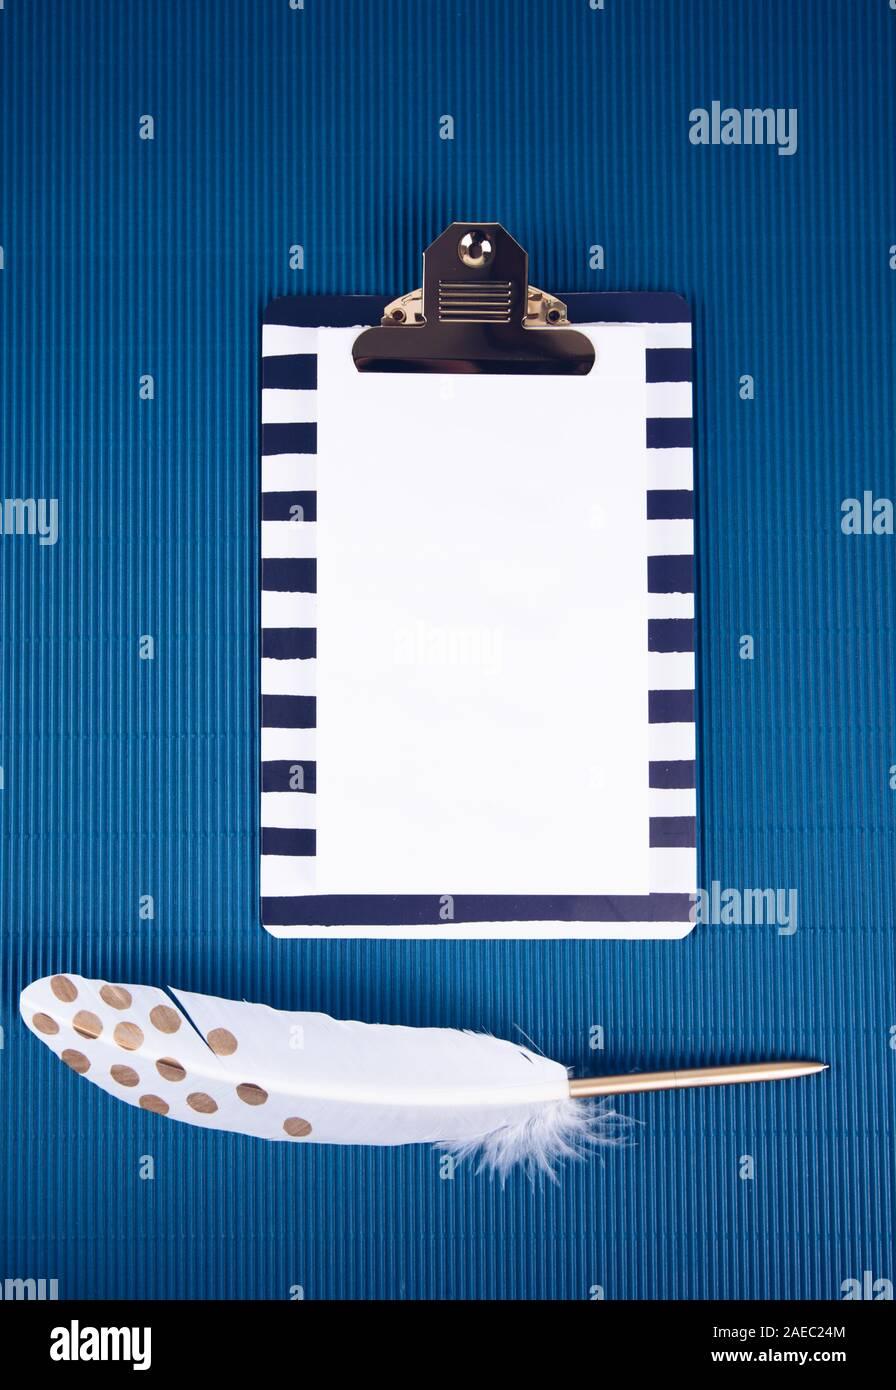 Forniture scolastiche su uno sfondo blu. Colore alla moda. Foto Stock